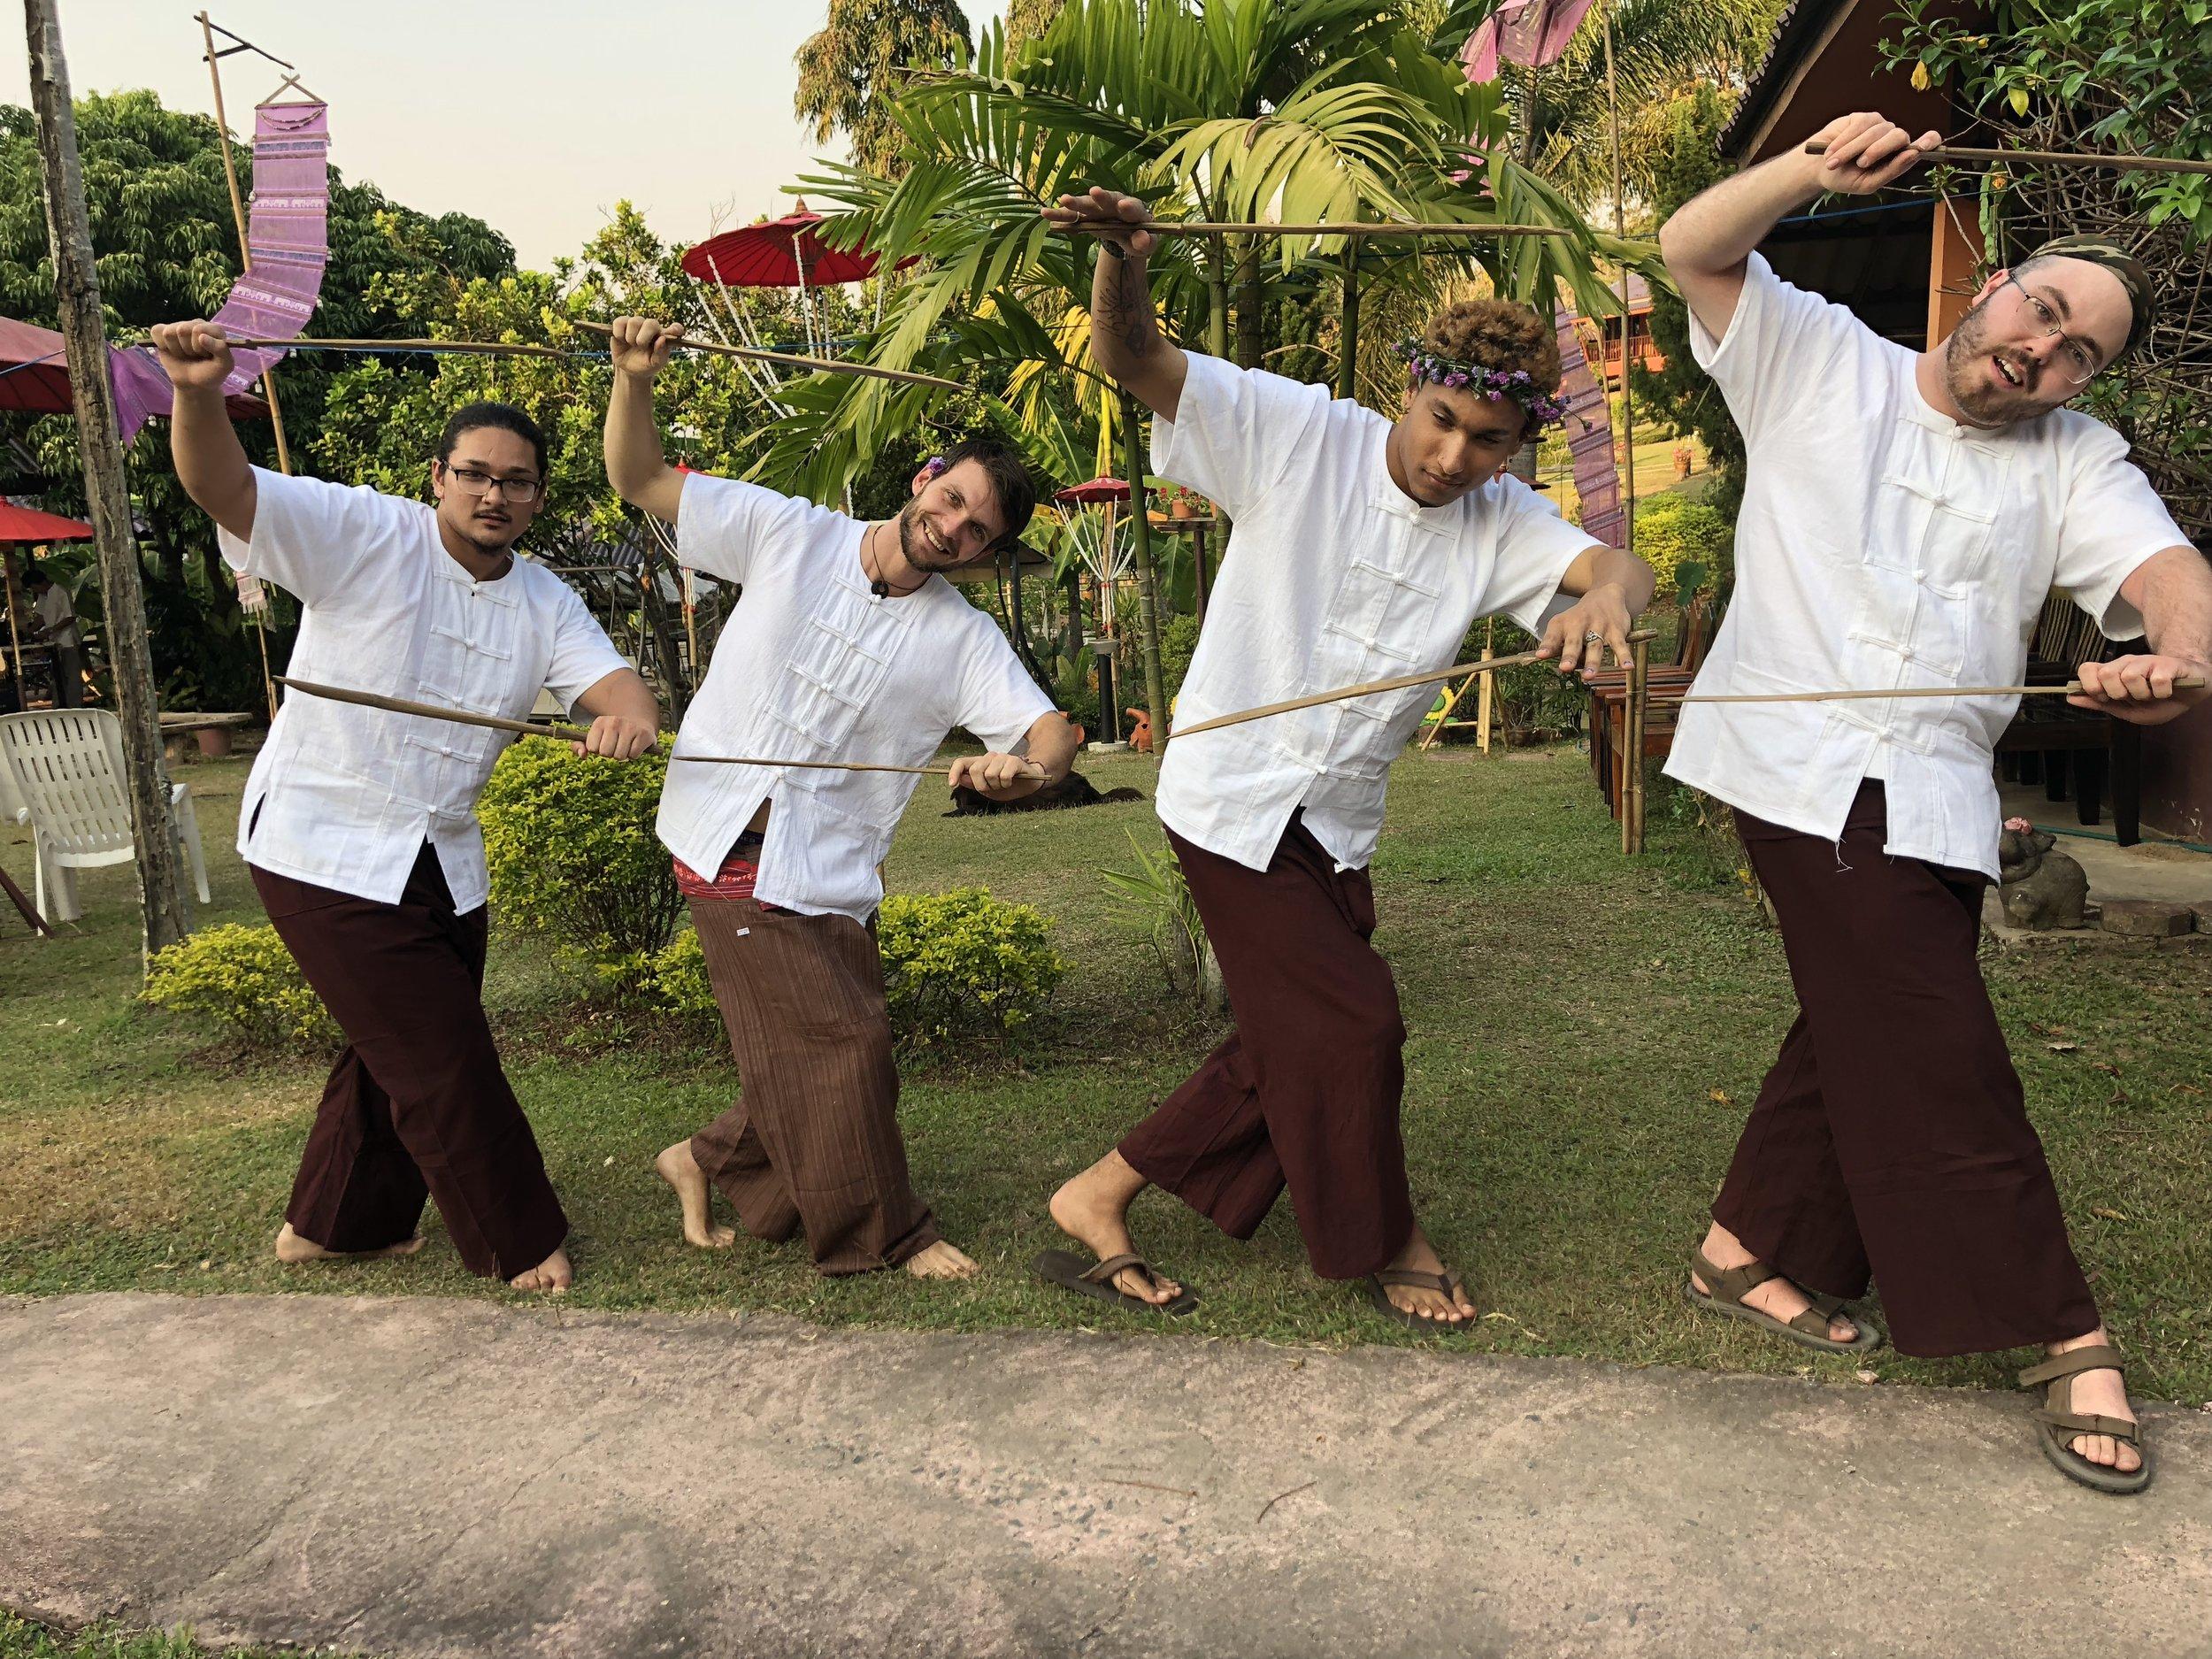 Hathai boys show off their sword dance moves